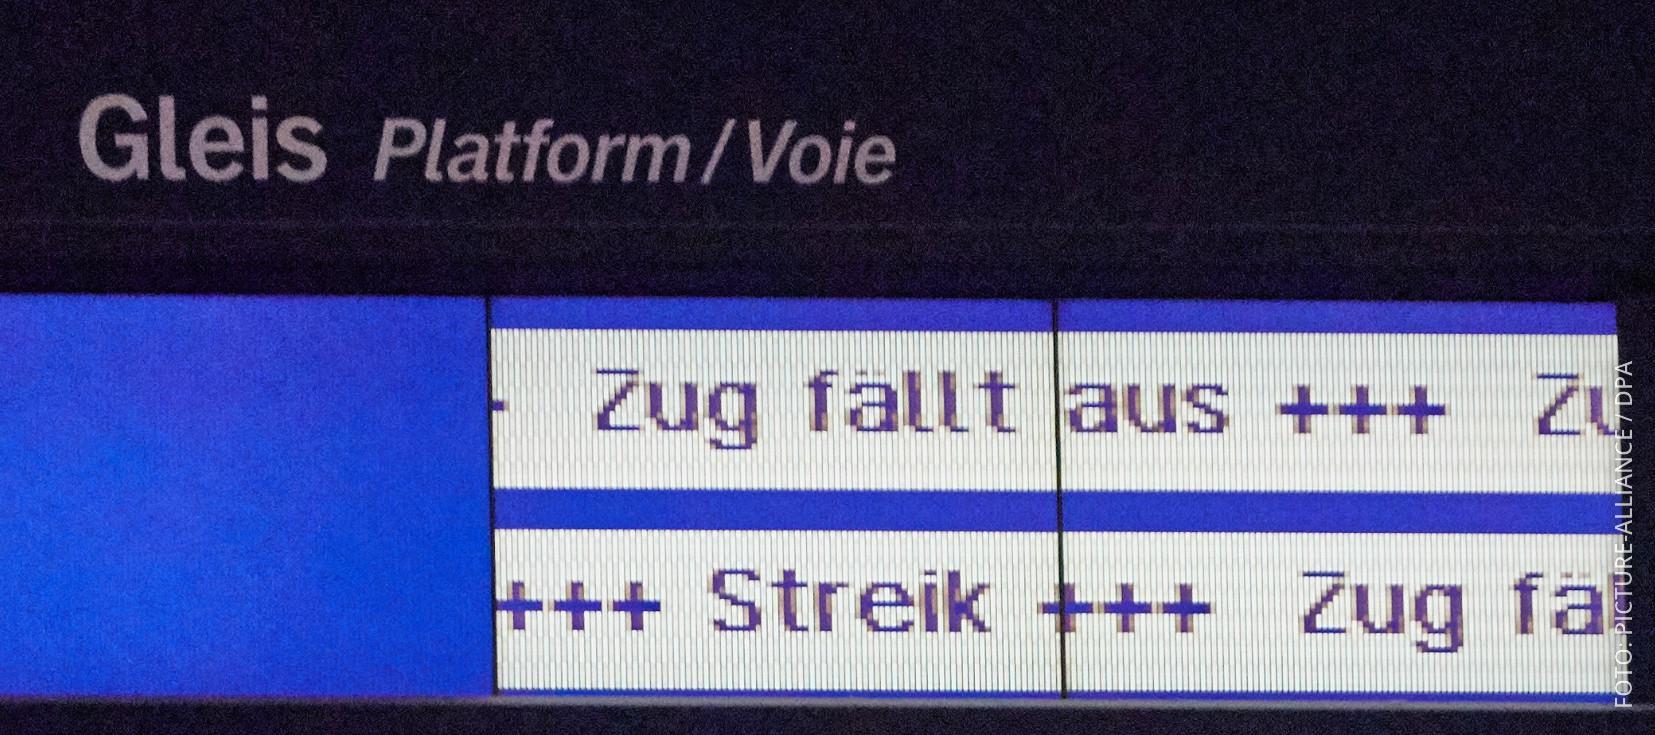 Eine Anzeigetafel weist auf Zugausfälle durch Streiks hin.